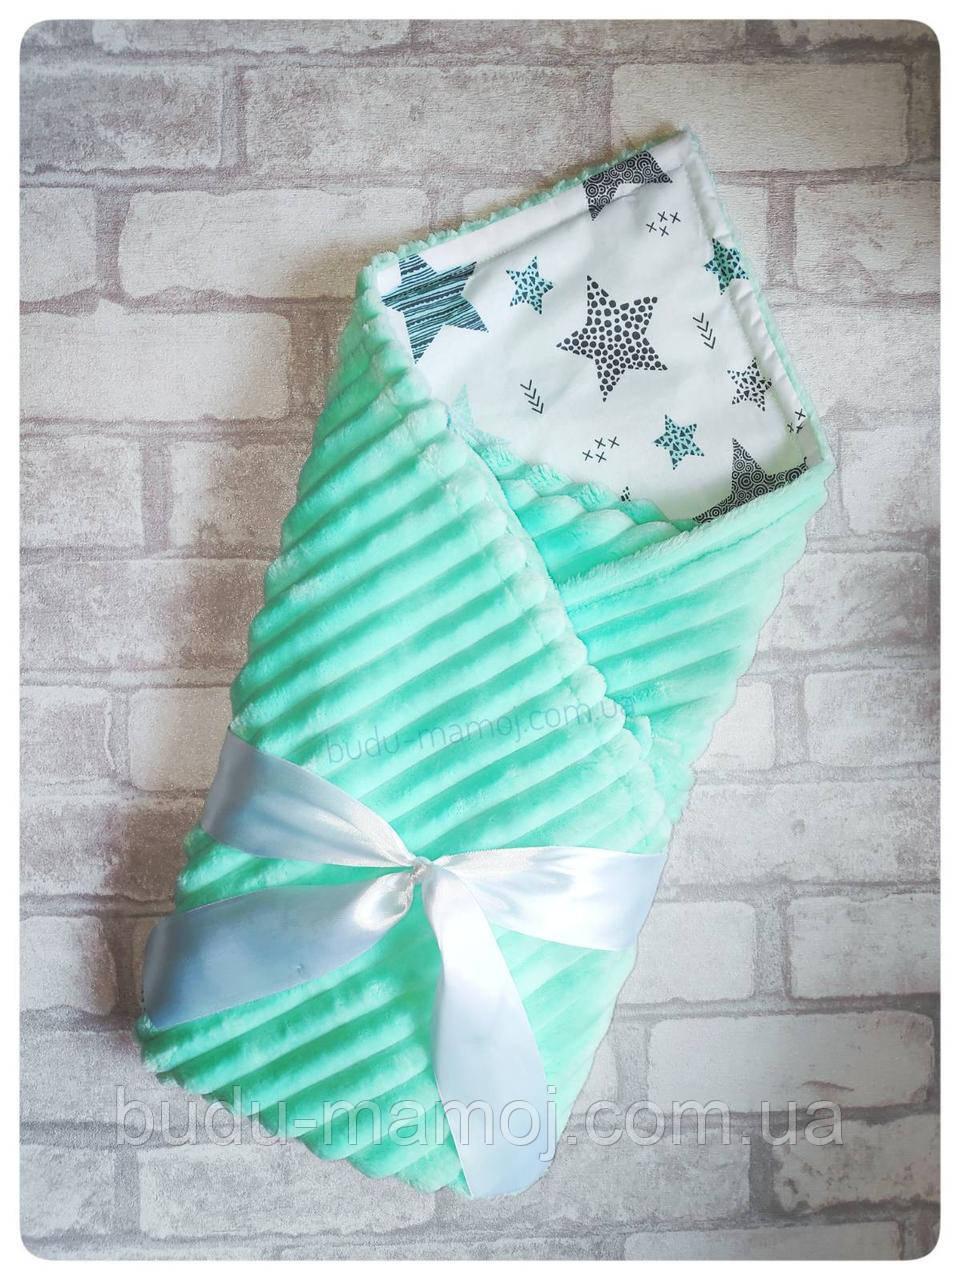 Летний конверт одеяло для новорожденного плюш Минки + хлопок Польша 100*80